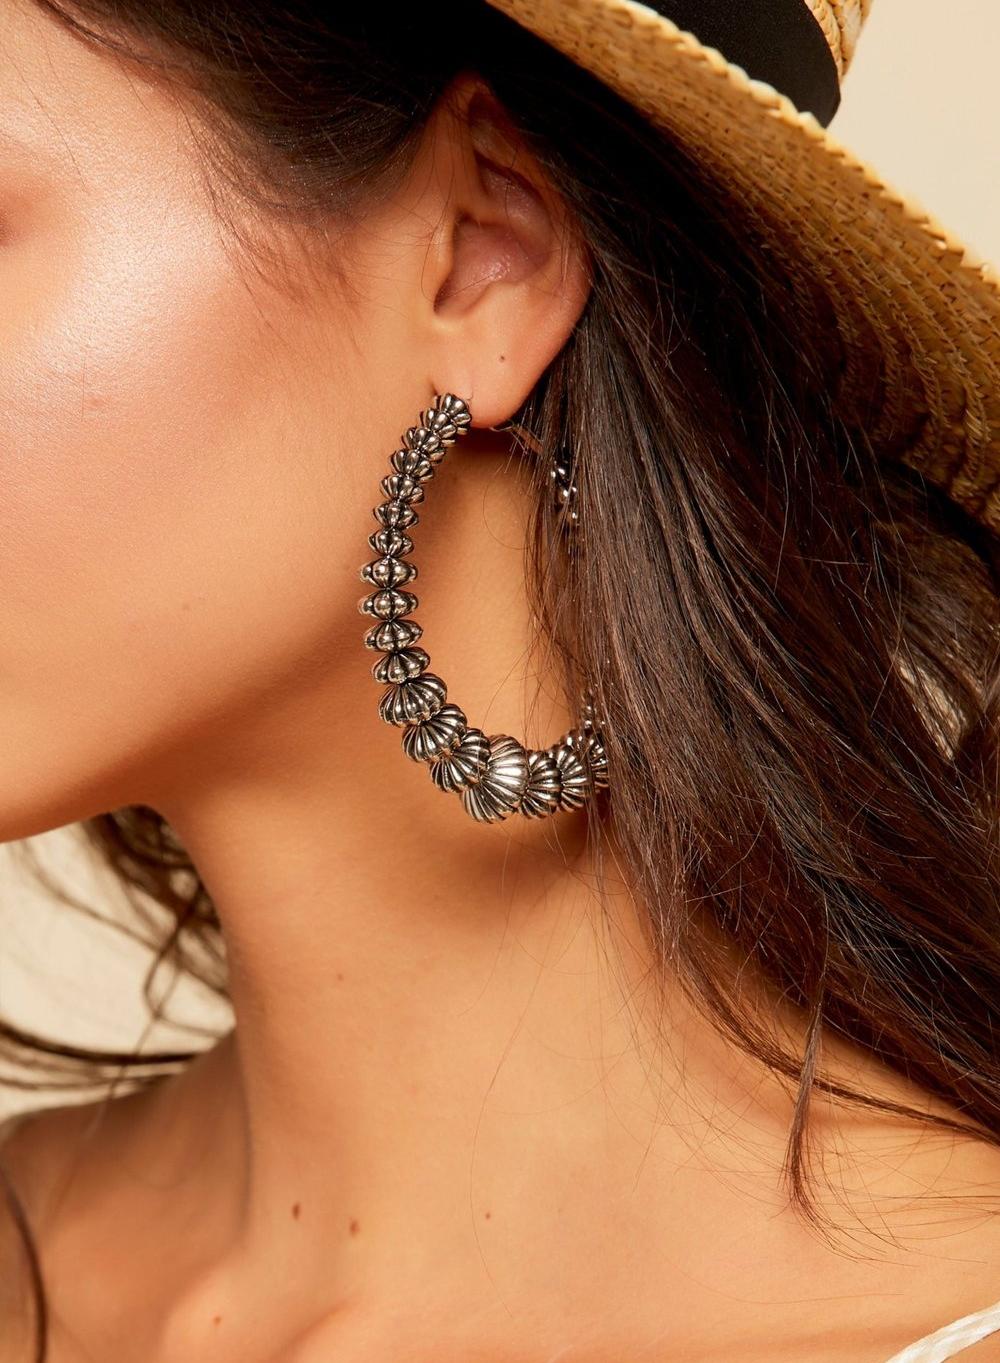 Silver Hoop Earrings - $38